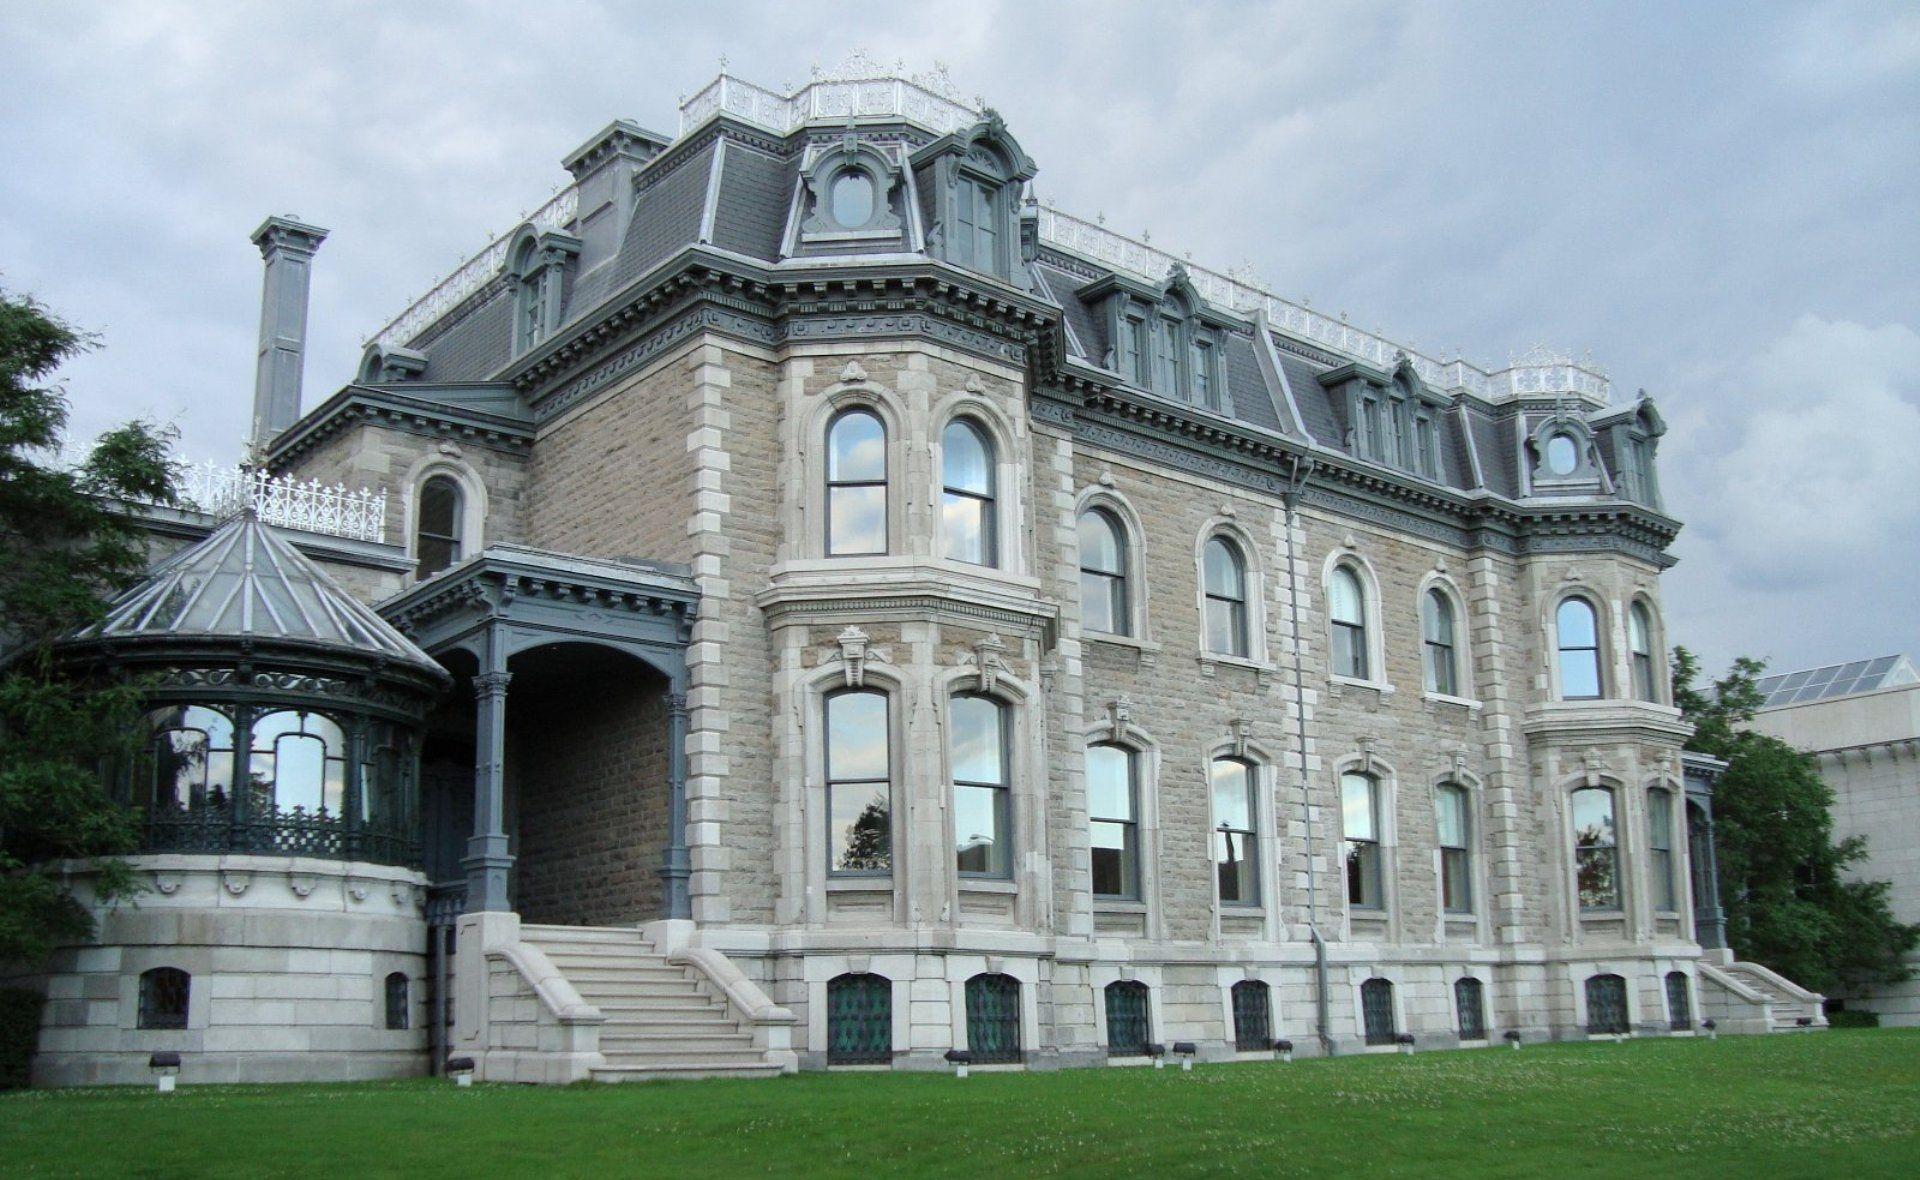 monumento histórico em montreal no canadá